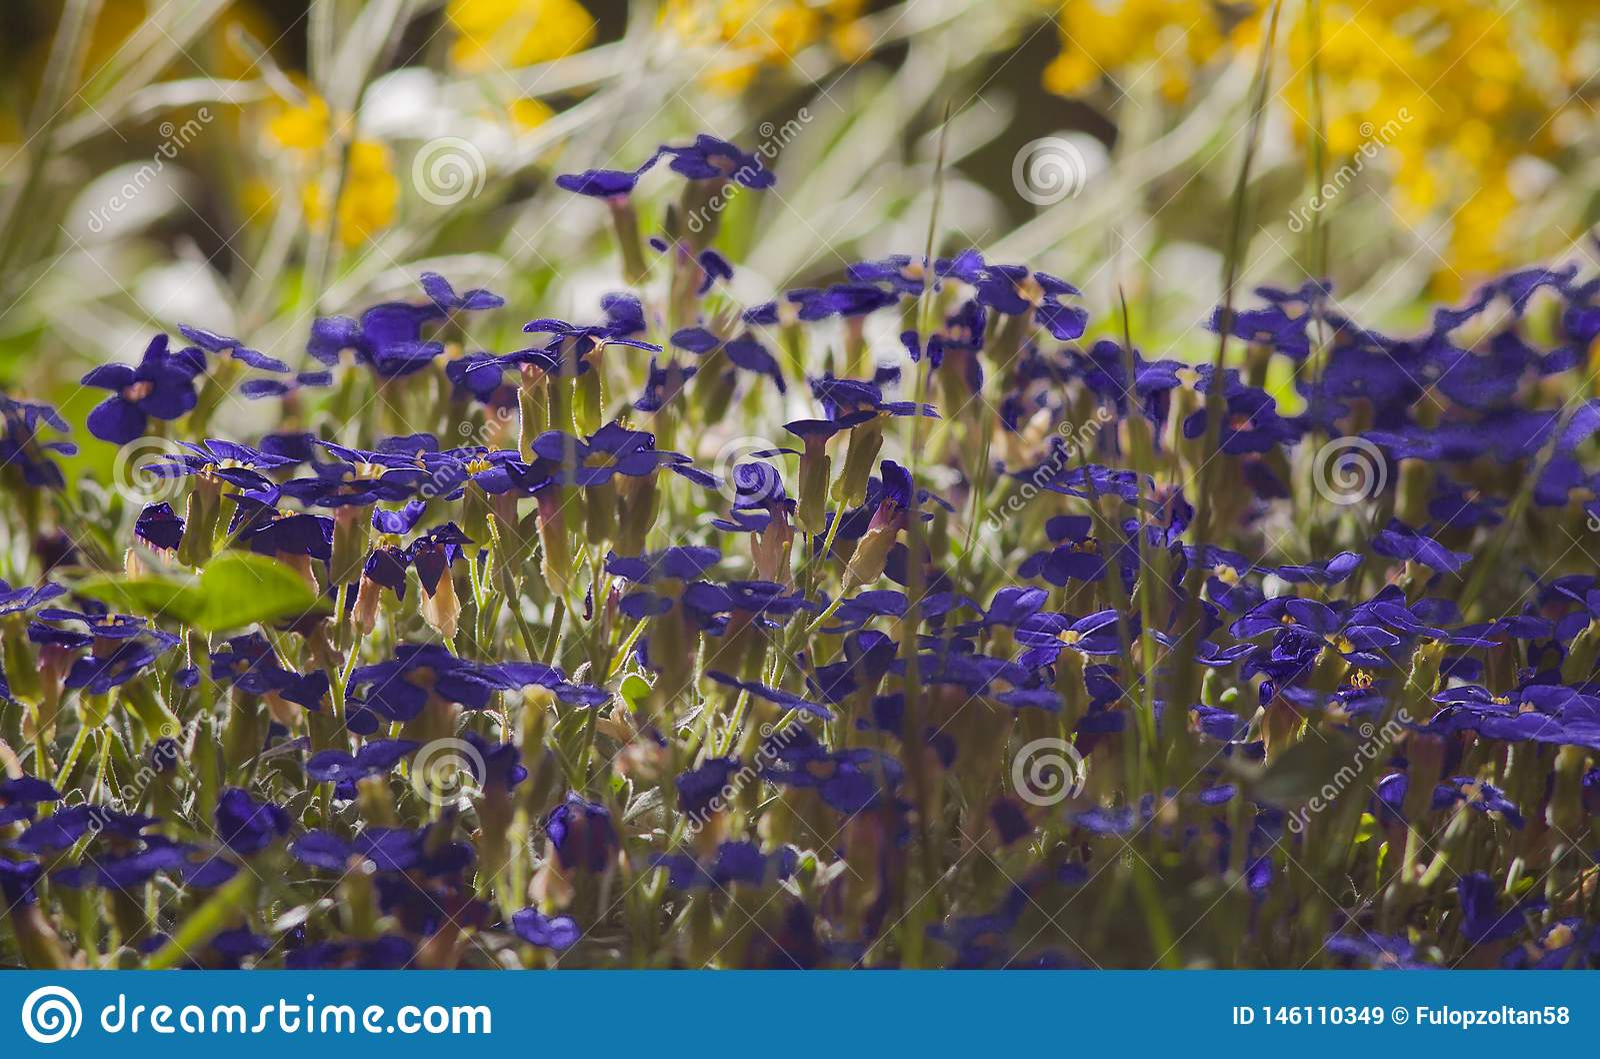 Blühendes purpurrotes aubrieta und gelben Alyssum in der Hintergrundbeleuchtung verwischen